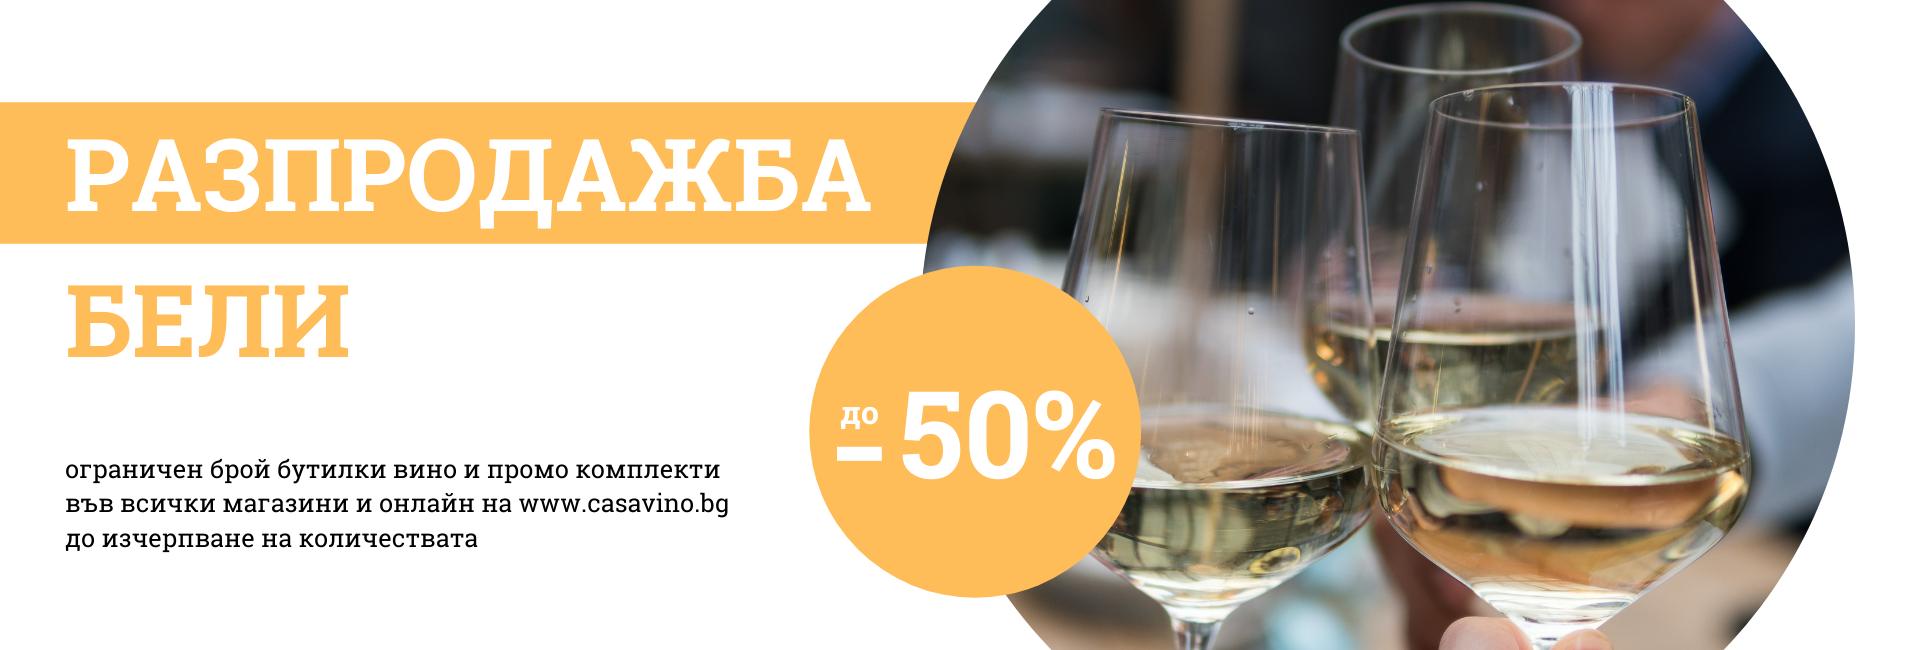 CASAVINO Разпродажба Бели вина